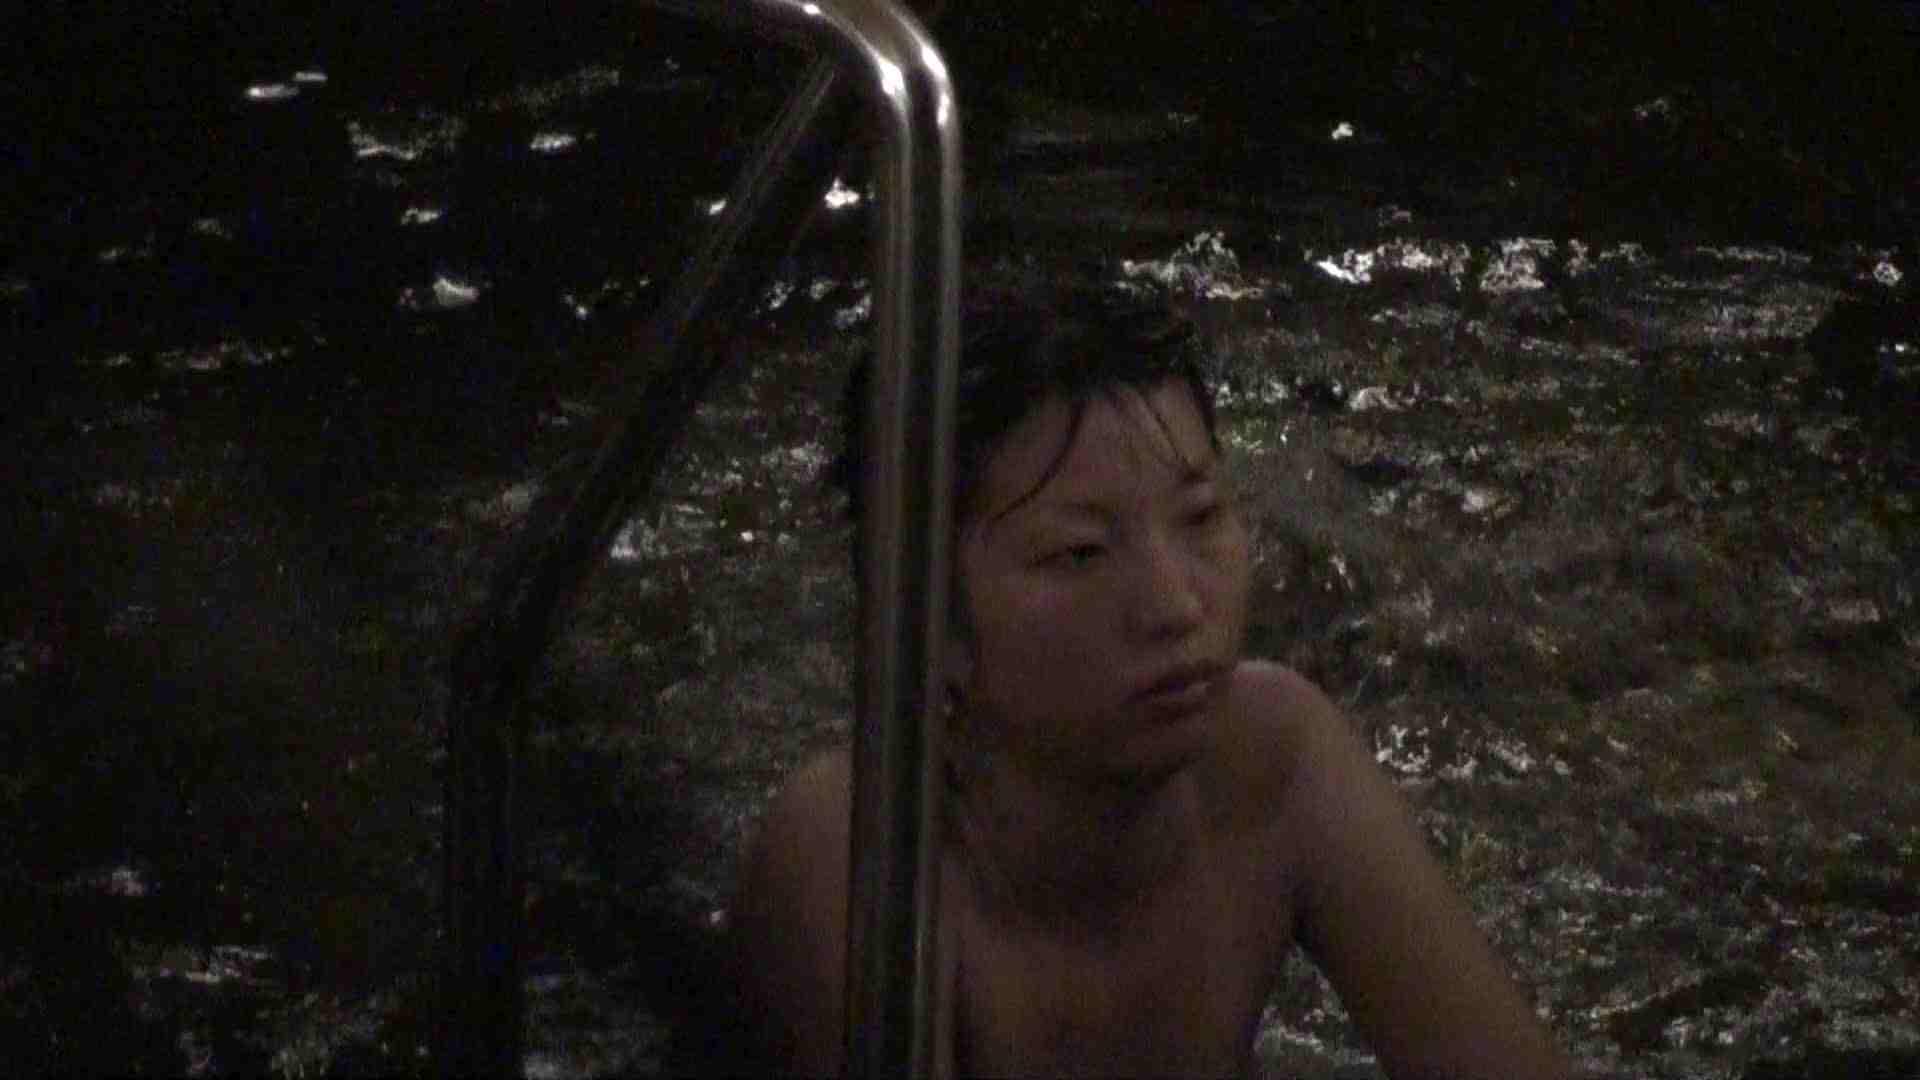 Aquaな露天風呂Vol.379 OL  90pic 51